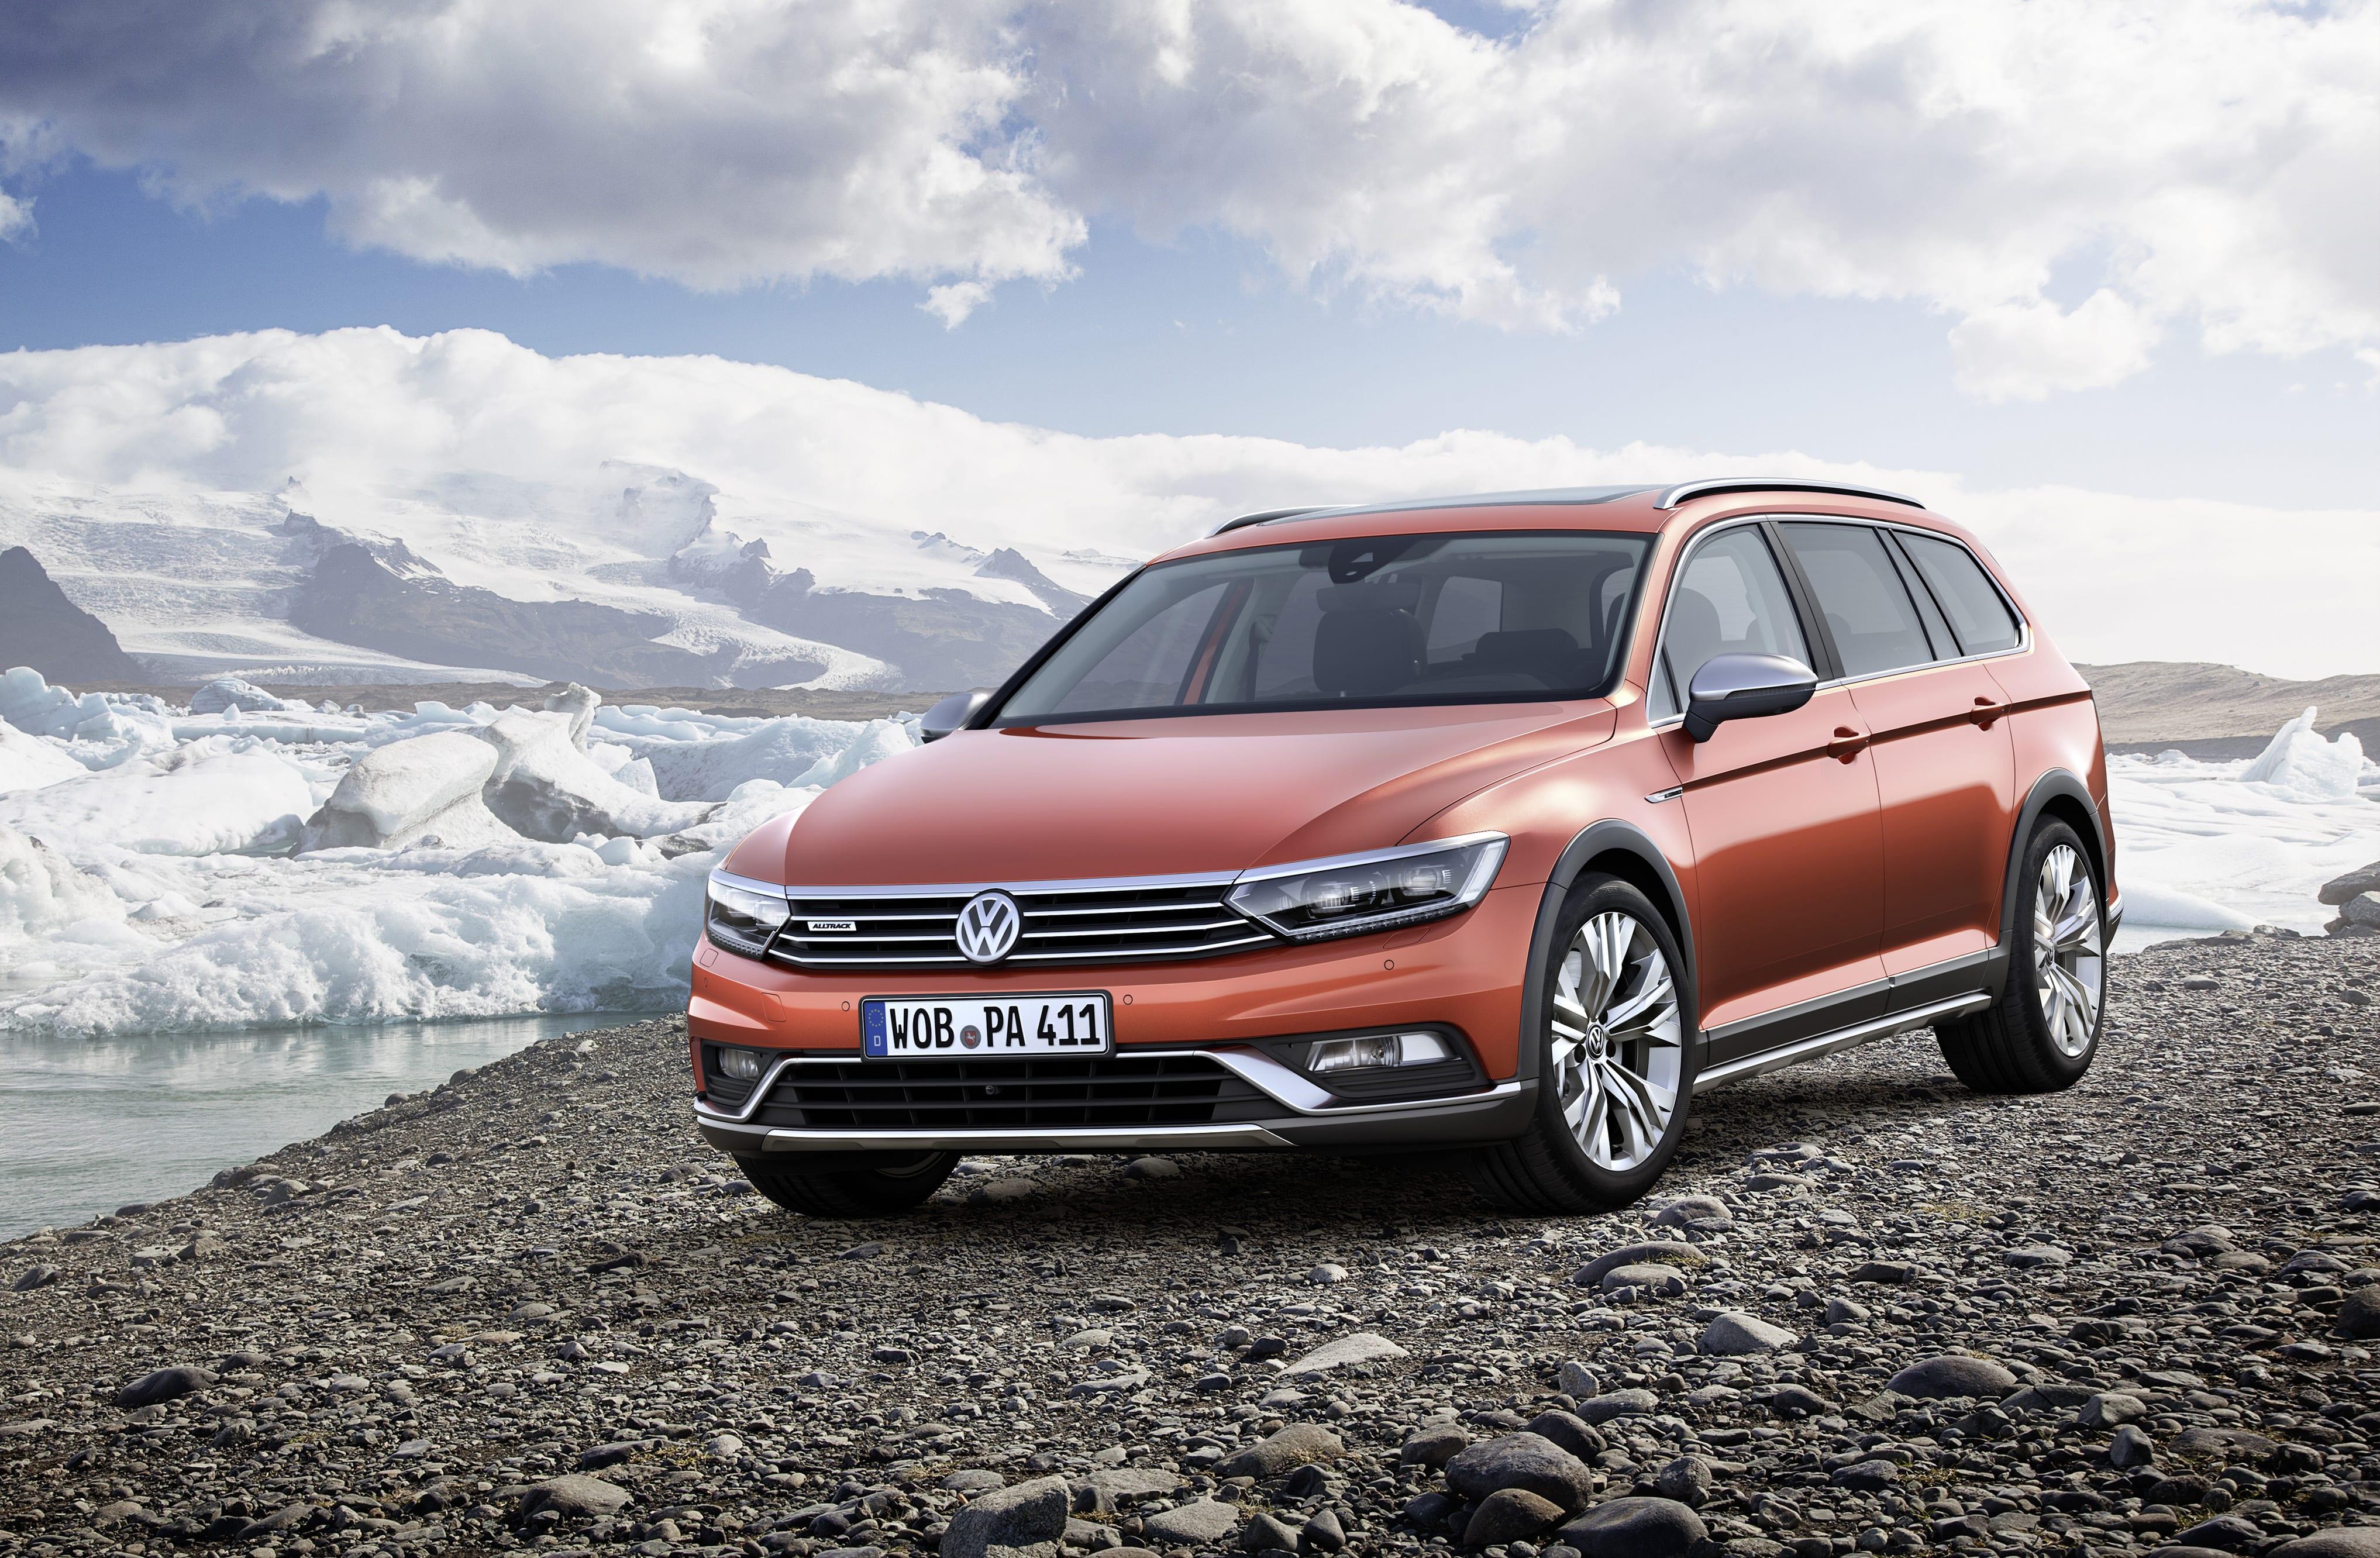 Volkswagen Passat B8 Alltrack HD pictures